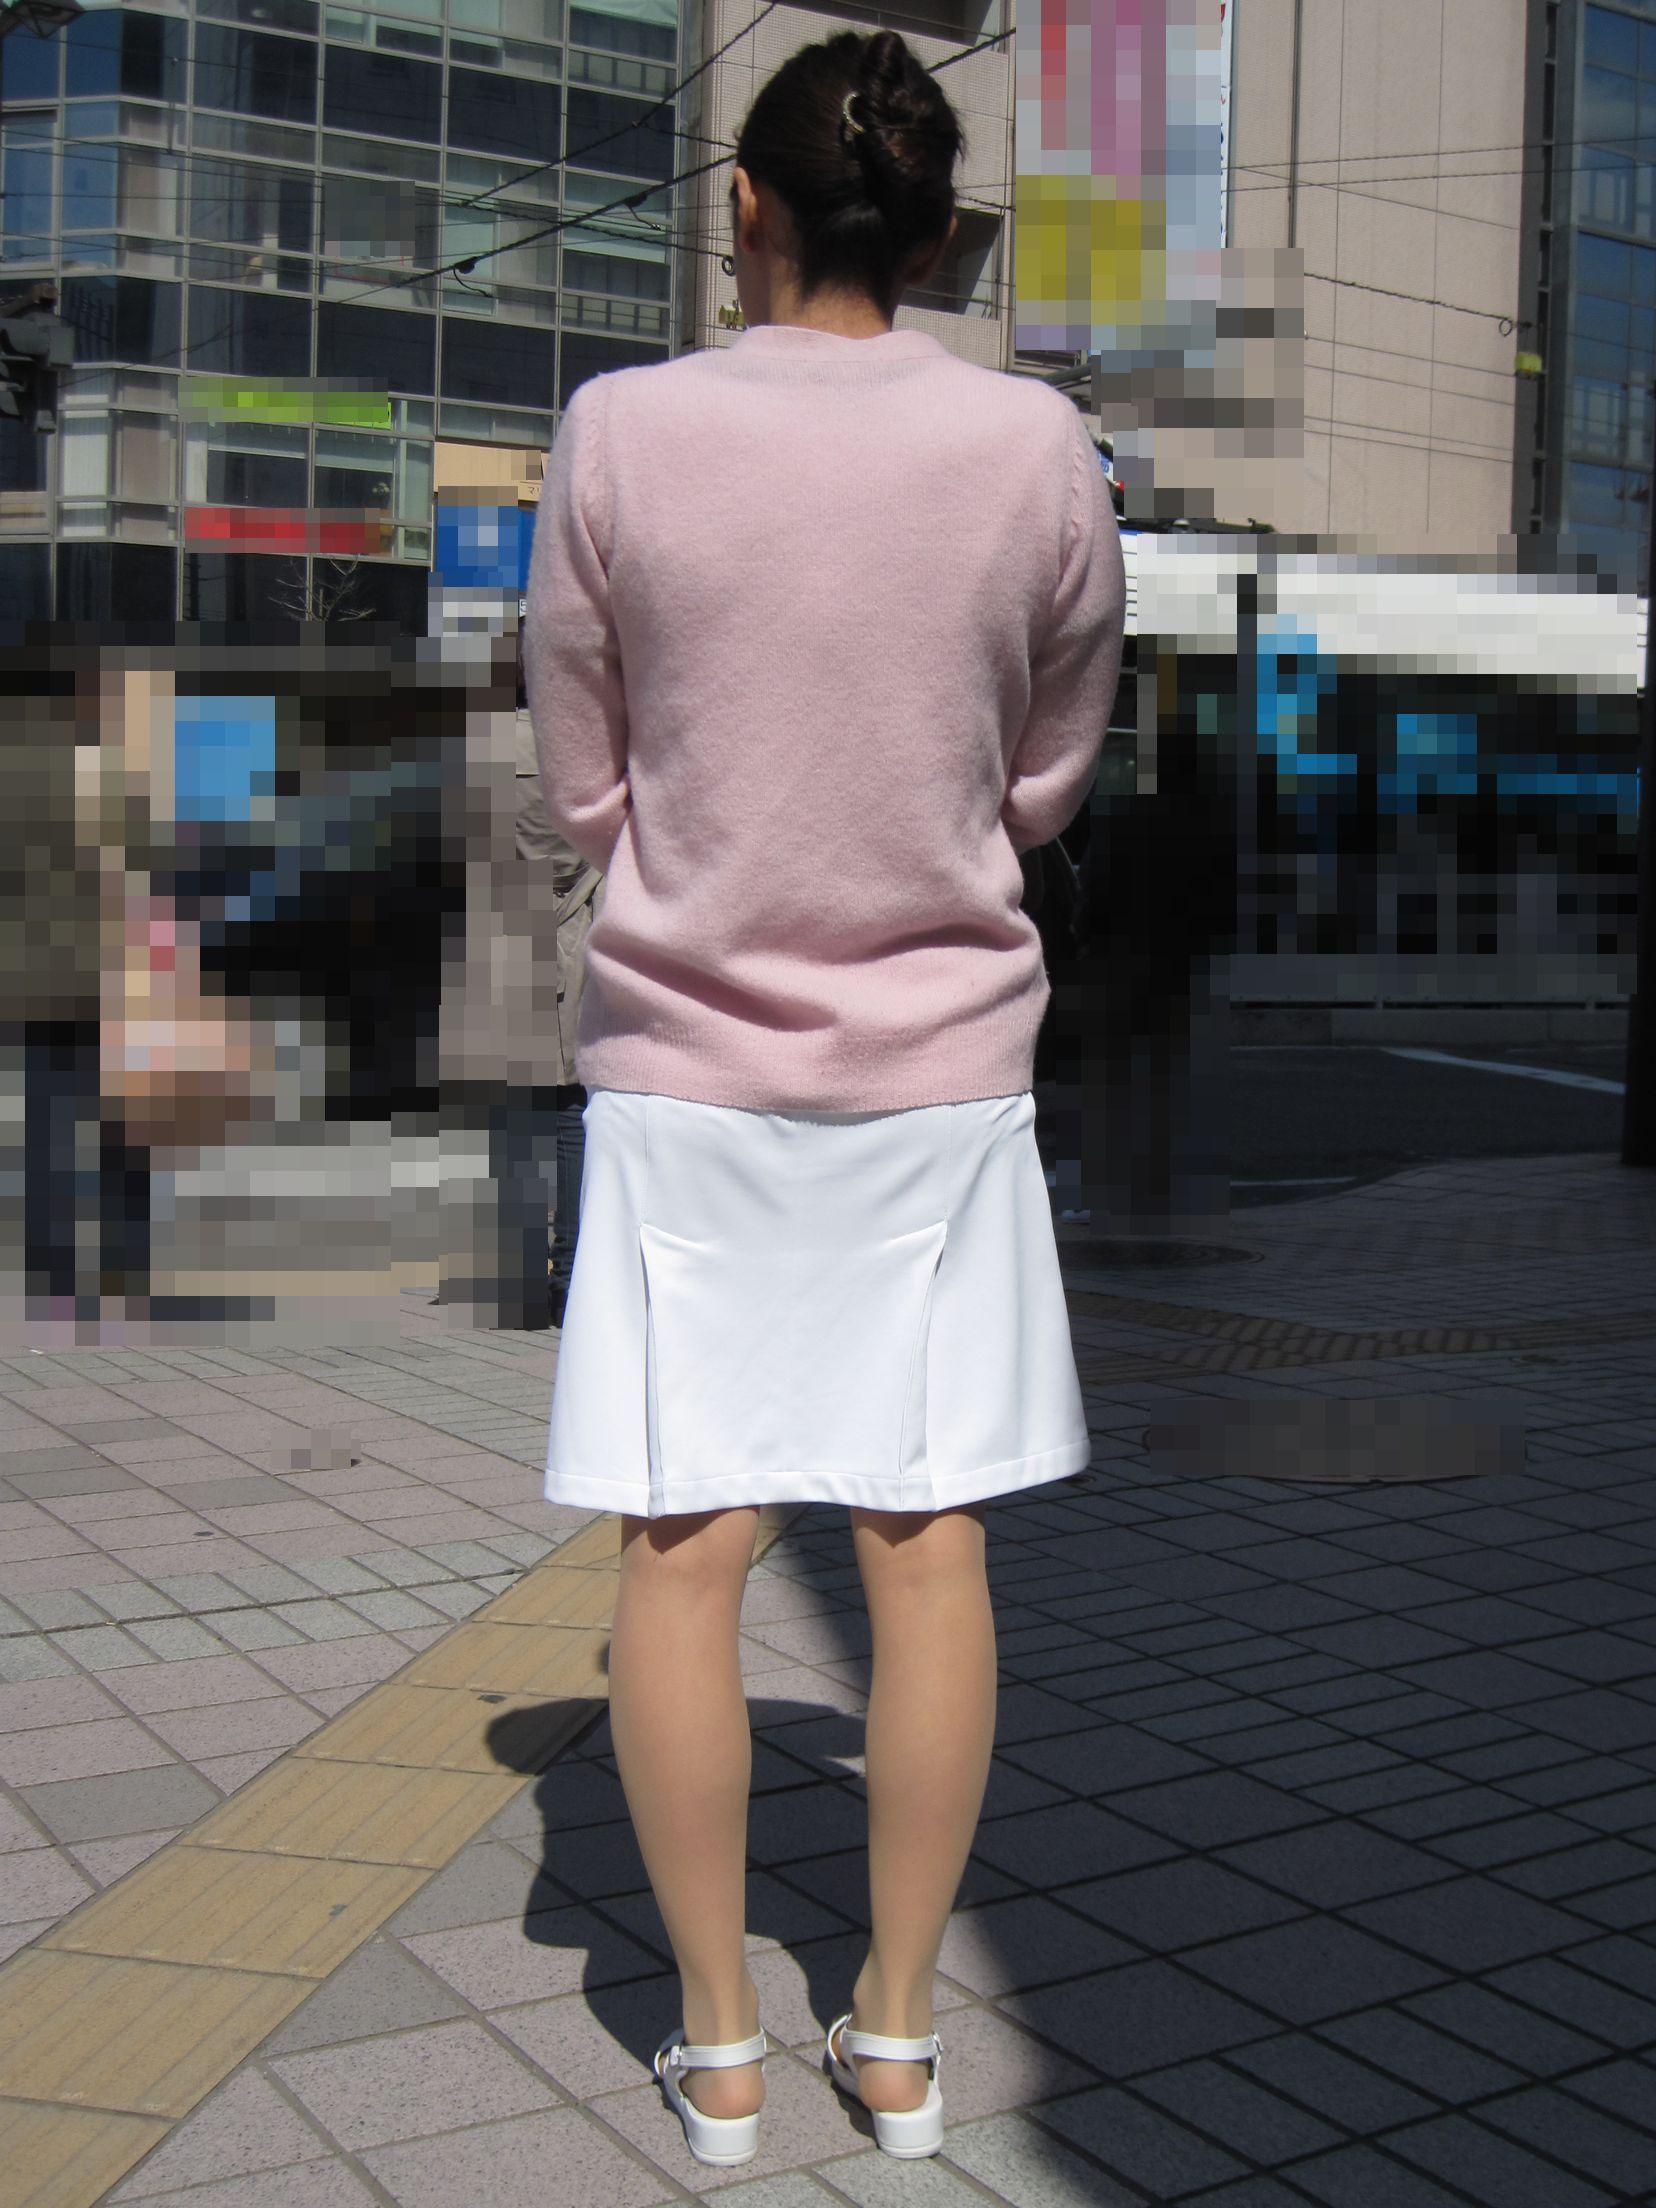 【街撮り働く女性エロ画像】病院の外で制服姿のナースを見た瞬間、何故か灯る期待感www  19